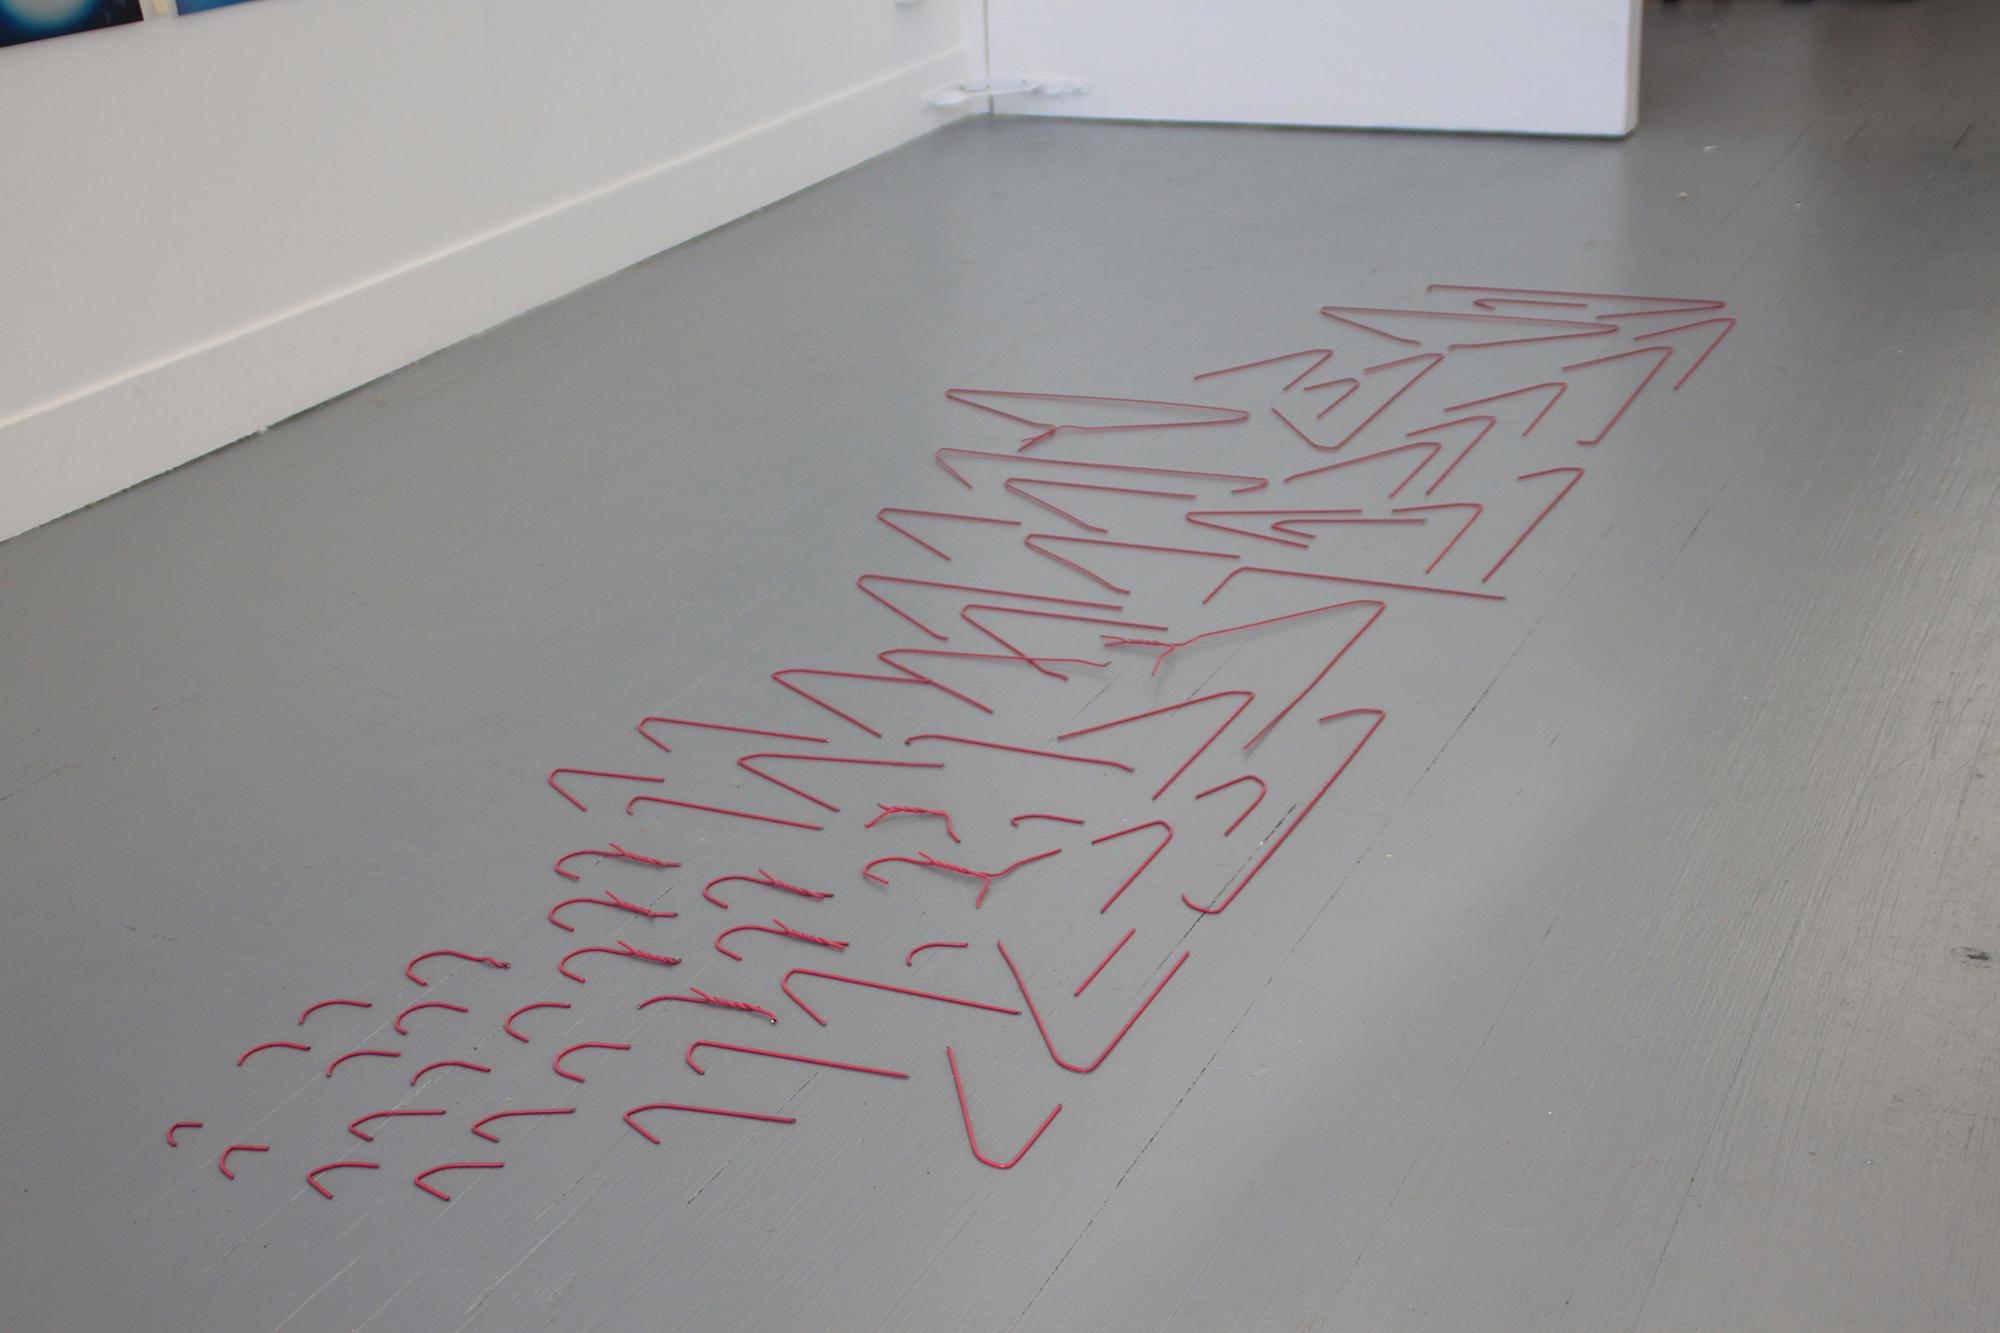 이다슬, Untitled, 2015, 쇠옷걸이